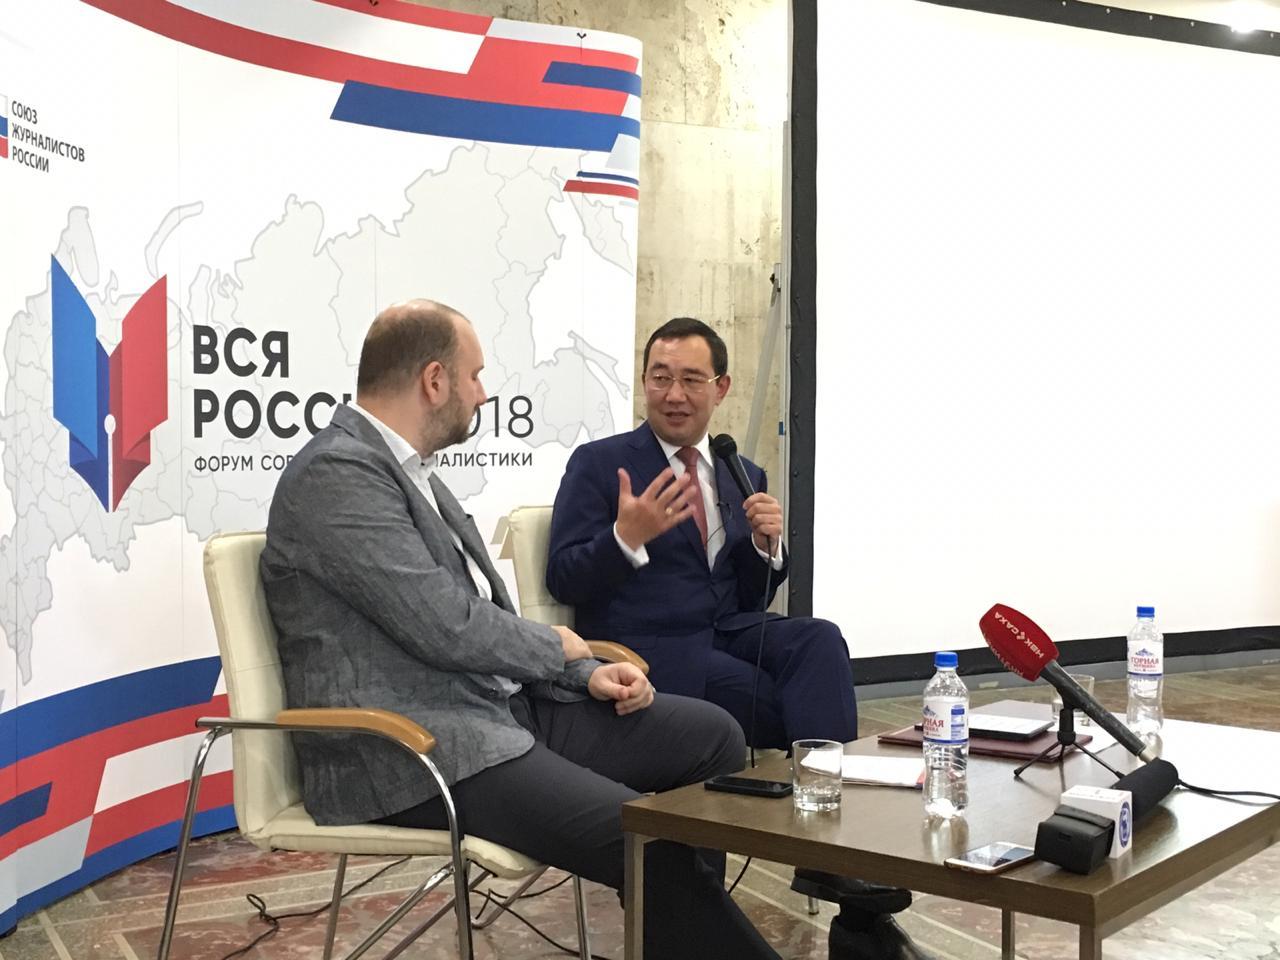 Власти Якутии и Союз журналистов России договорились сотрудничать